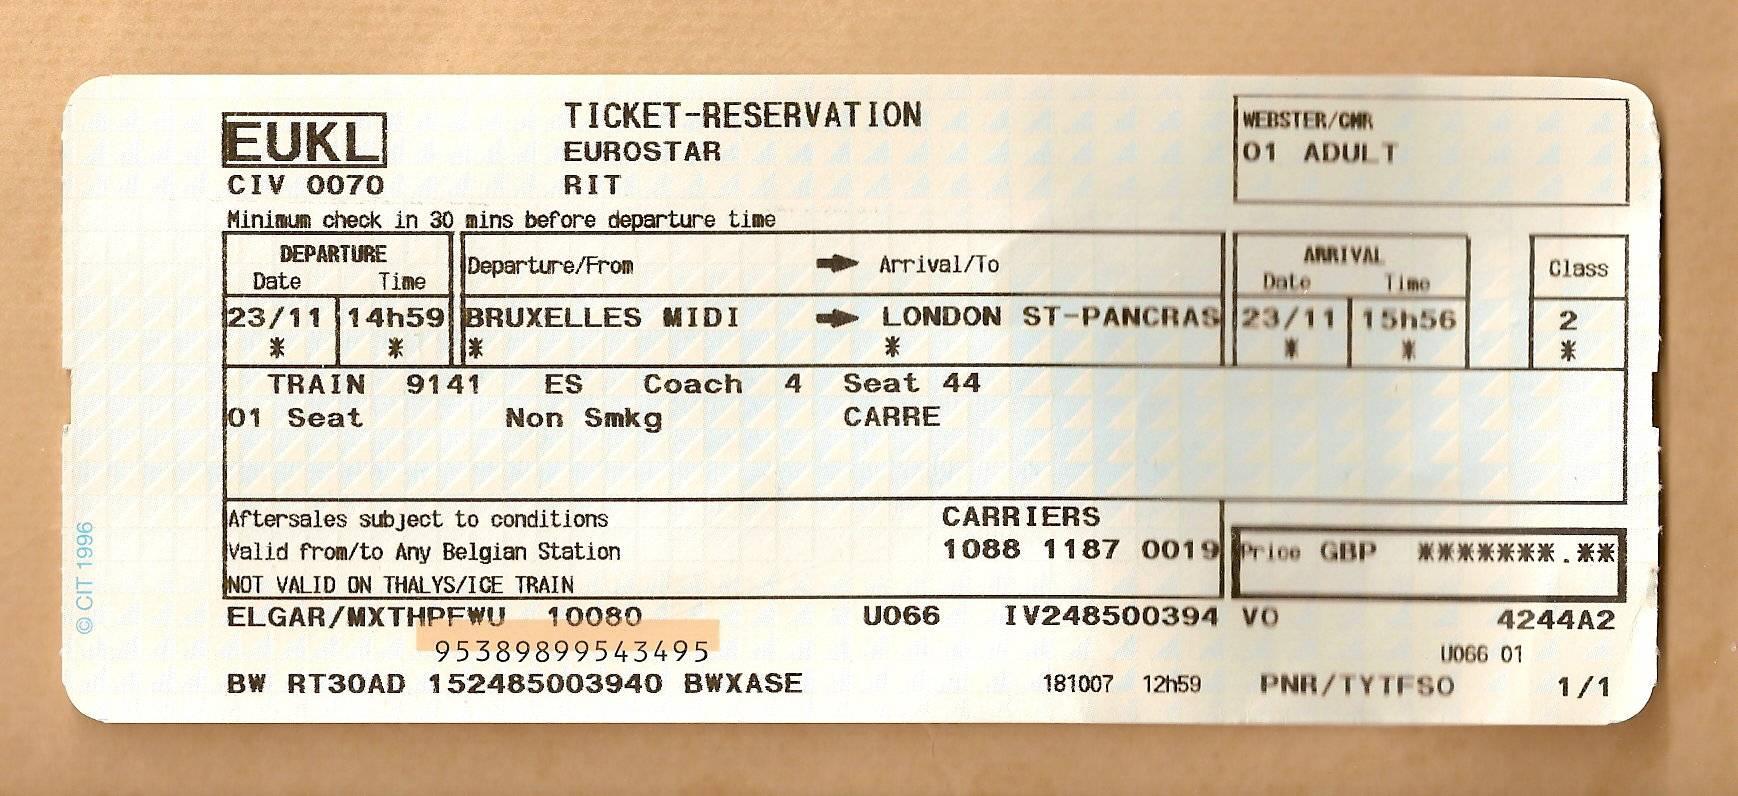 Deutsche bahn - немецкие железные дороги. как спланировать поездку? | легким на подъем